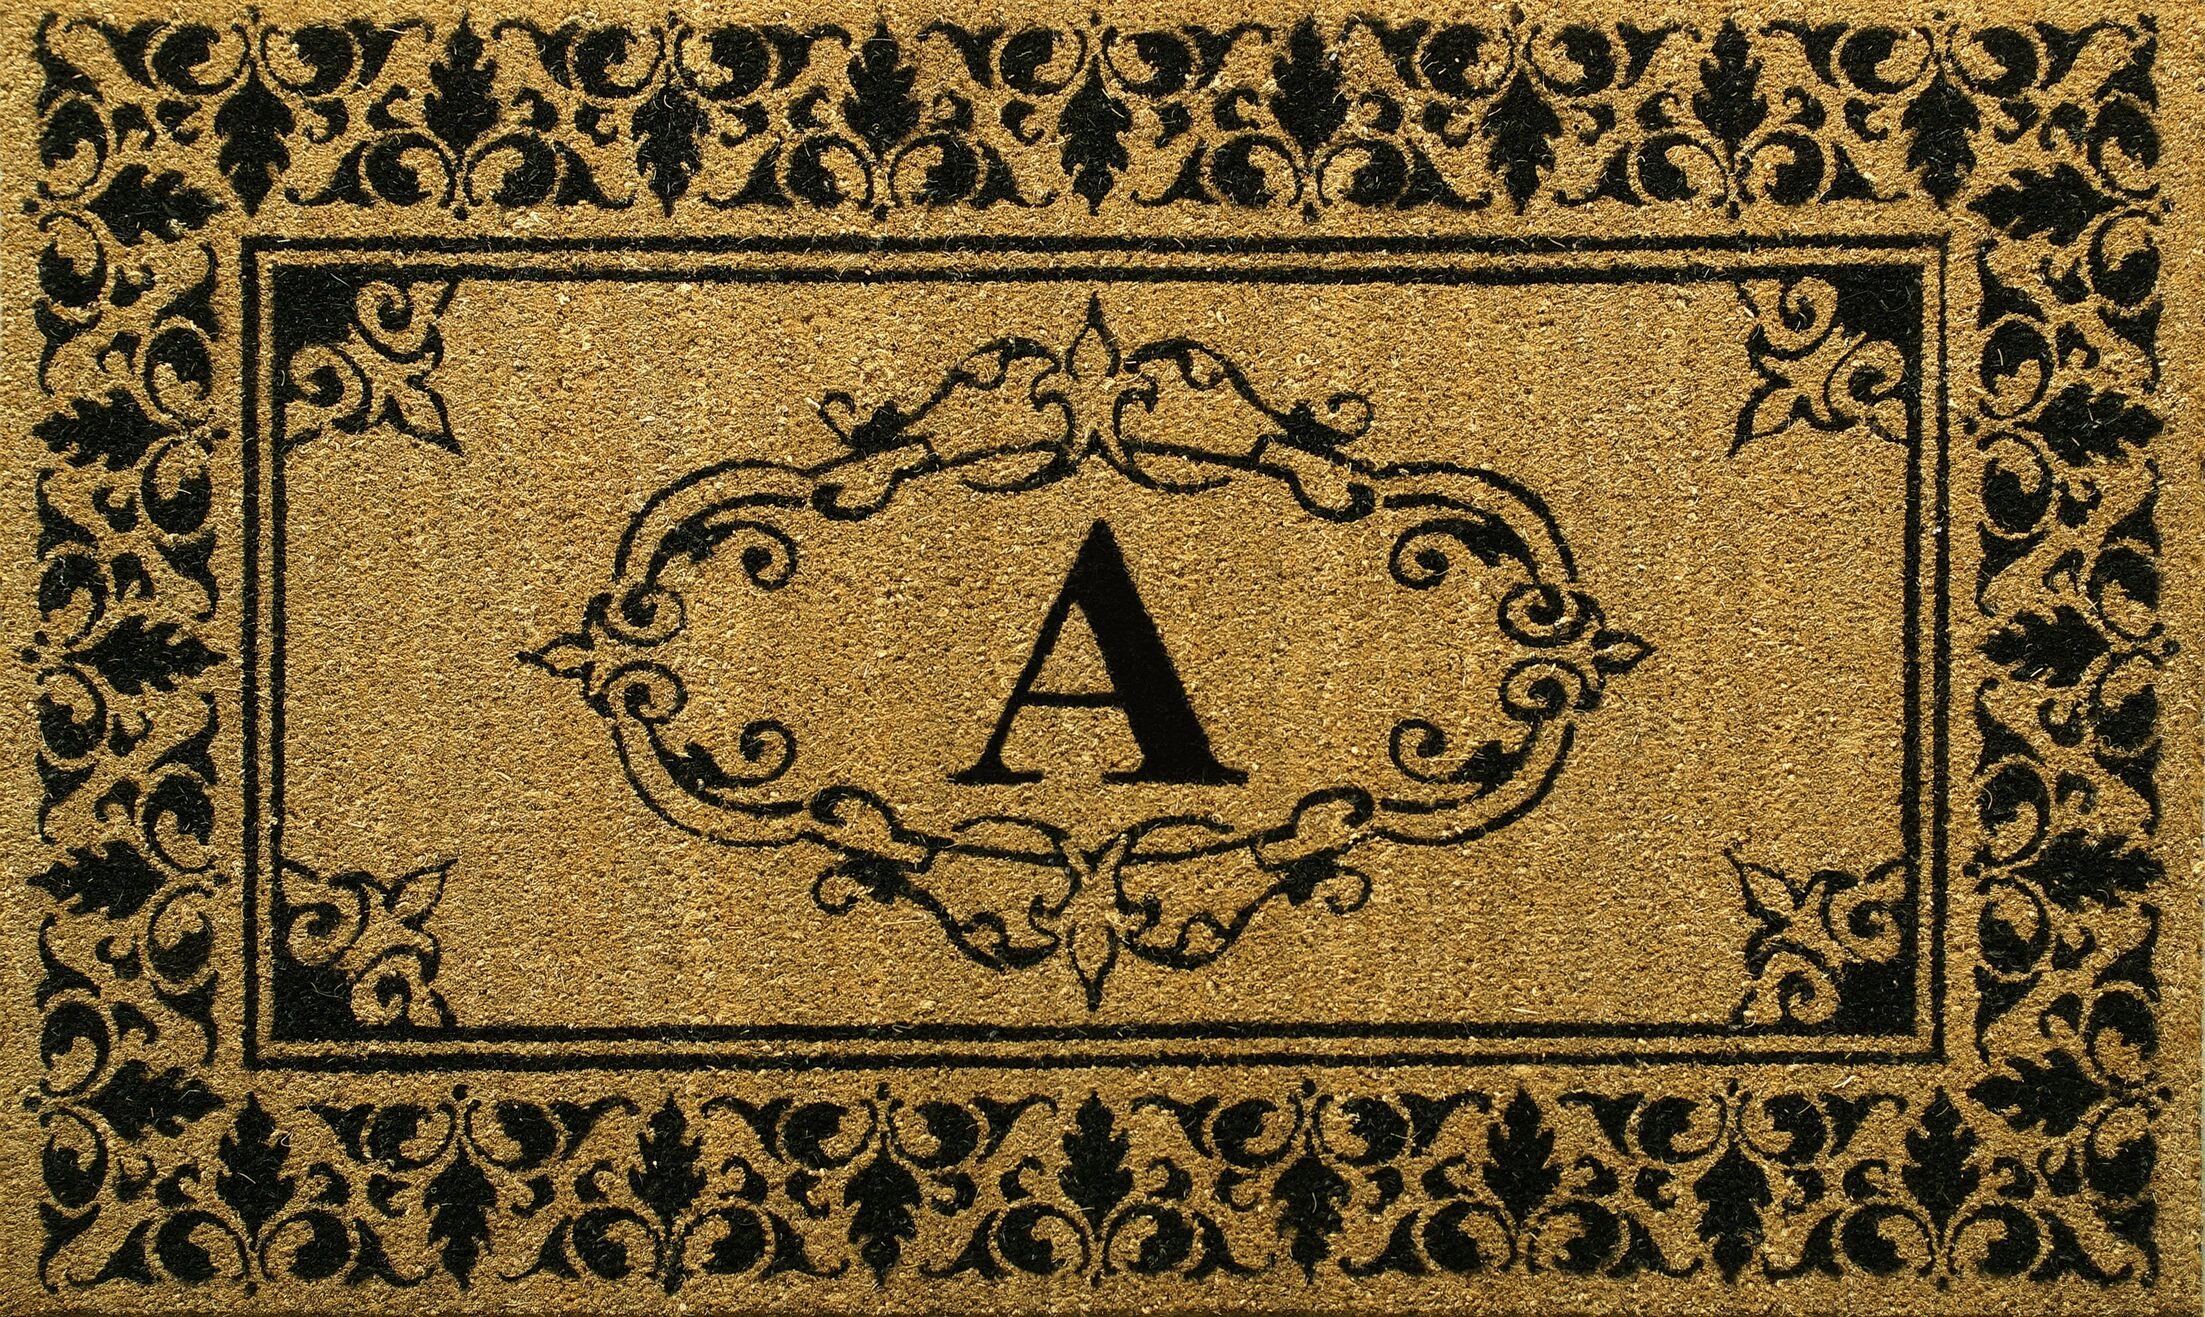 Secrist Letter Doormat Letter: A, Mat Size: 3' x 6'